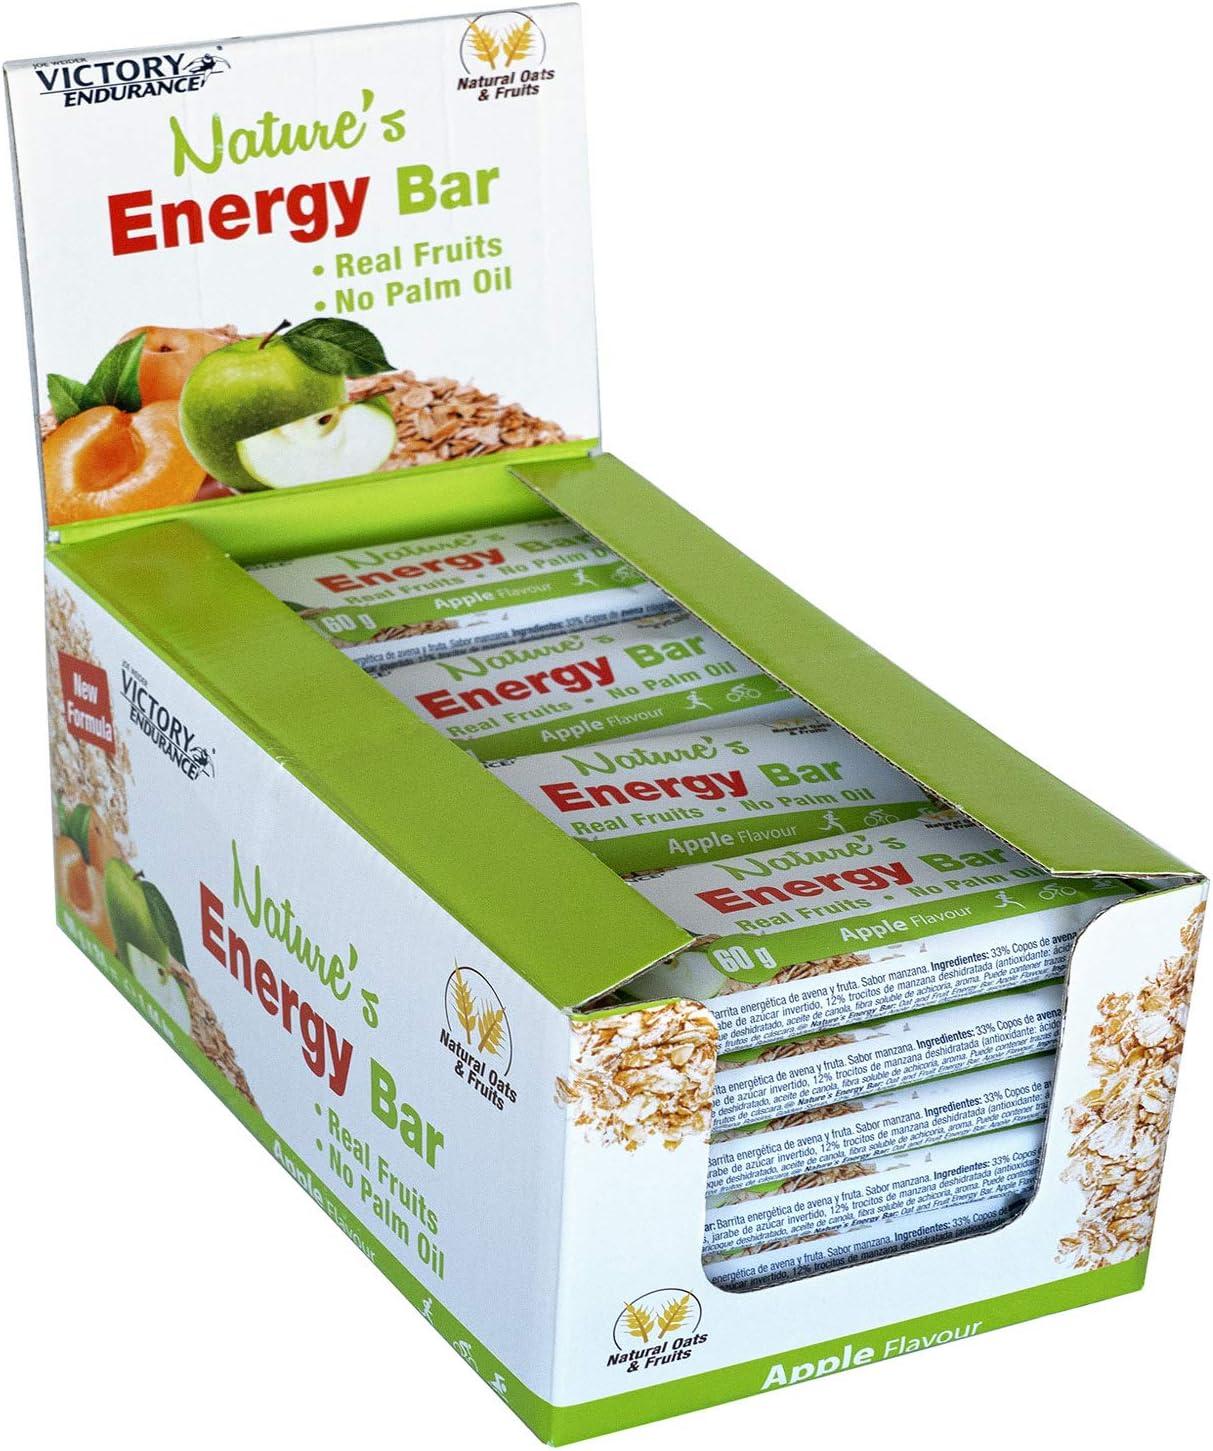 Victory Endurance Nature´s Energy Bar Manzana 60g, barrita energética con un 41% Frutas y 64% de hidratos de carbono, gran sabor y energía